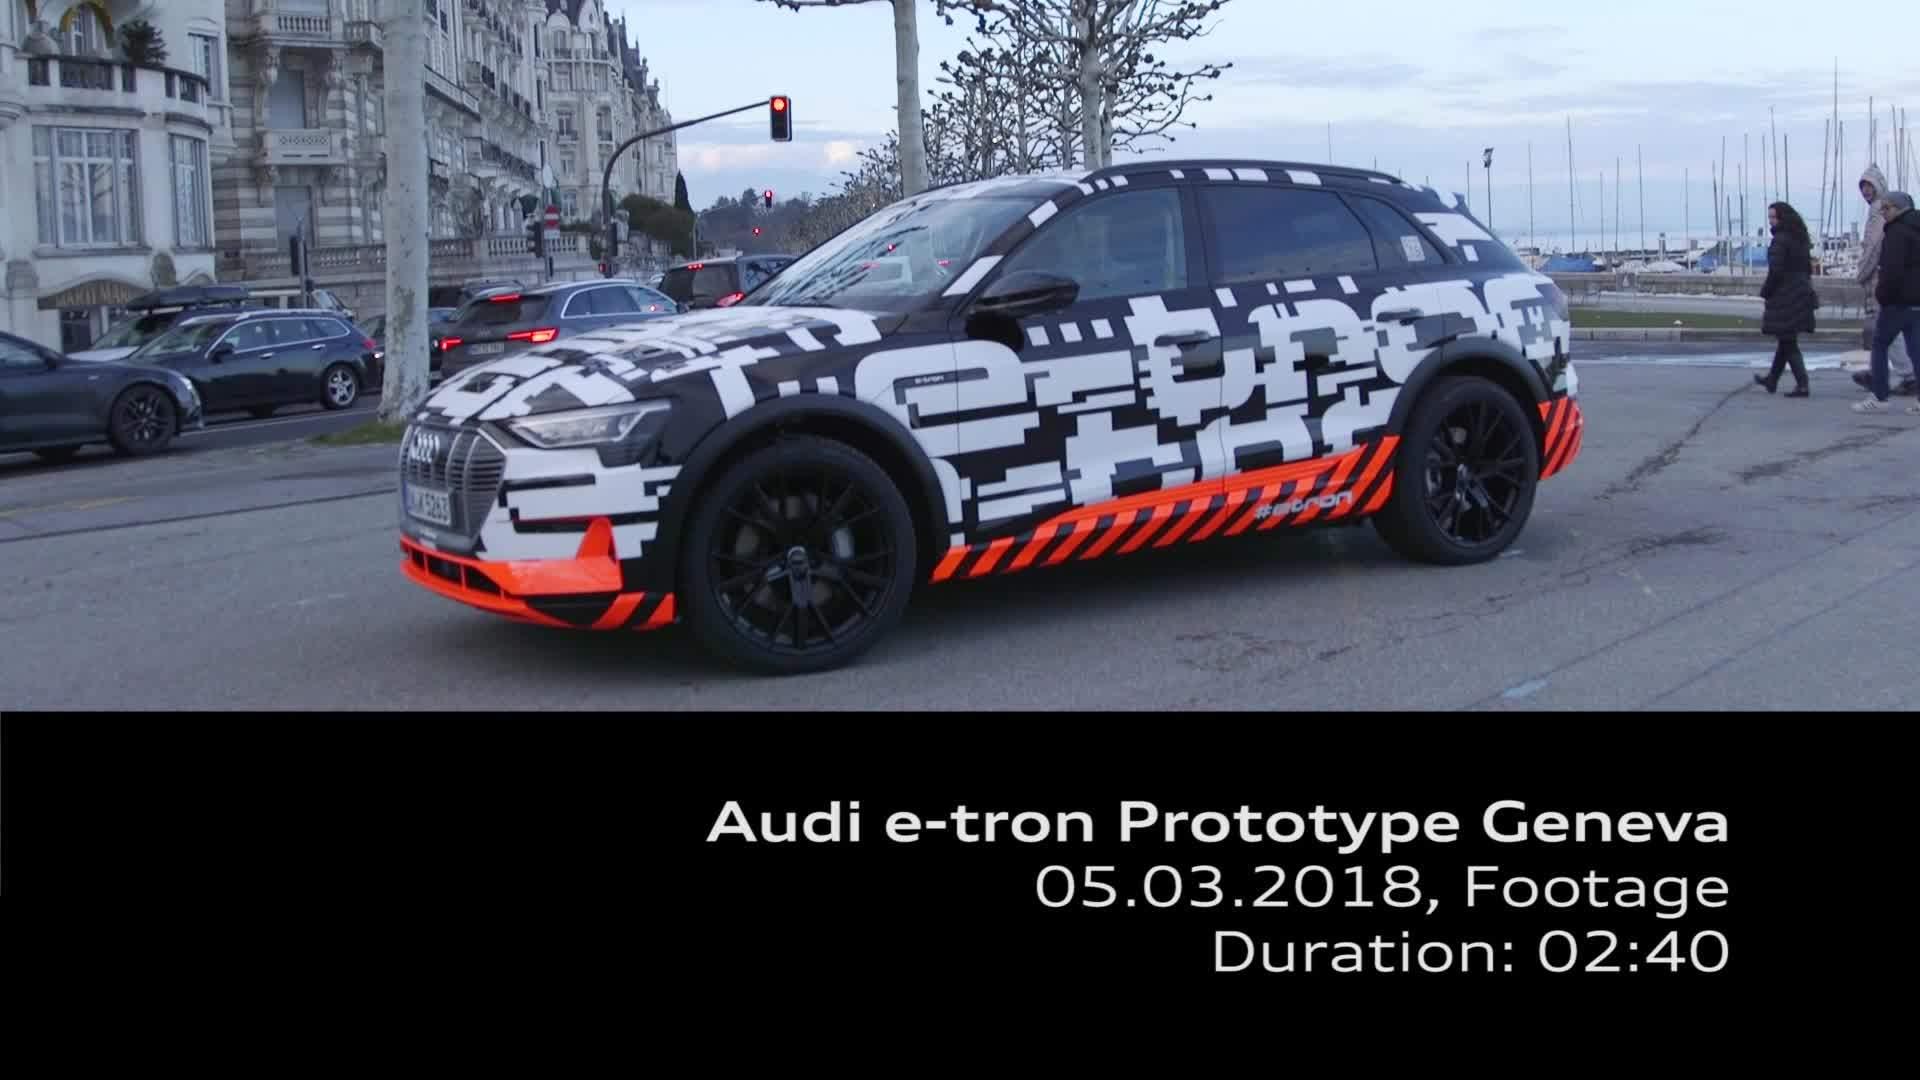 Footage Audi e-tron-Prototyp